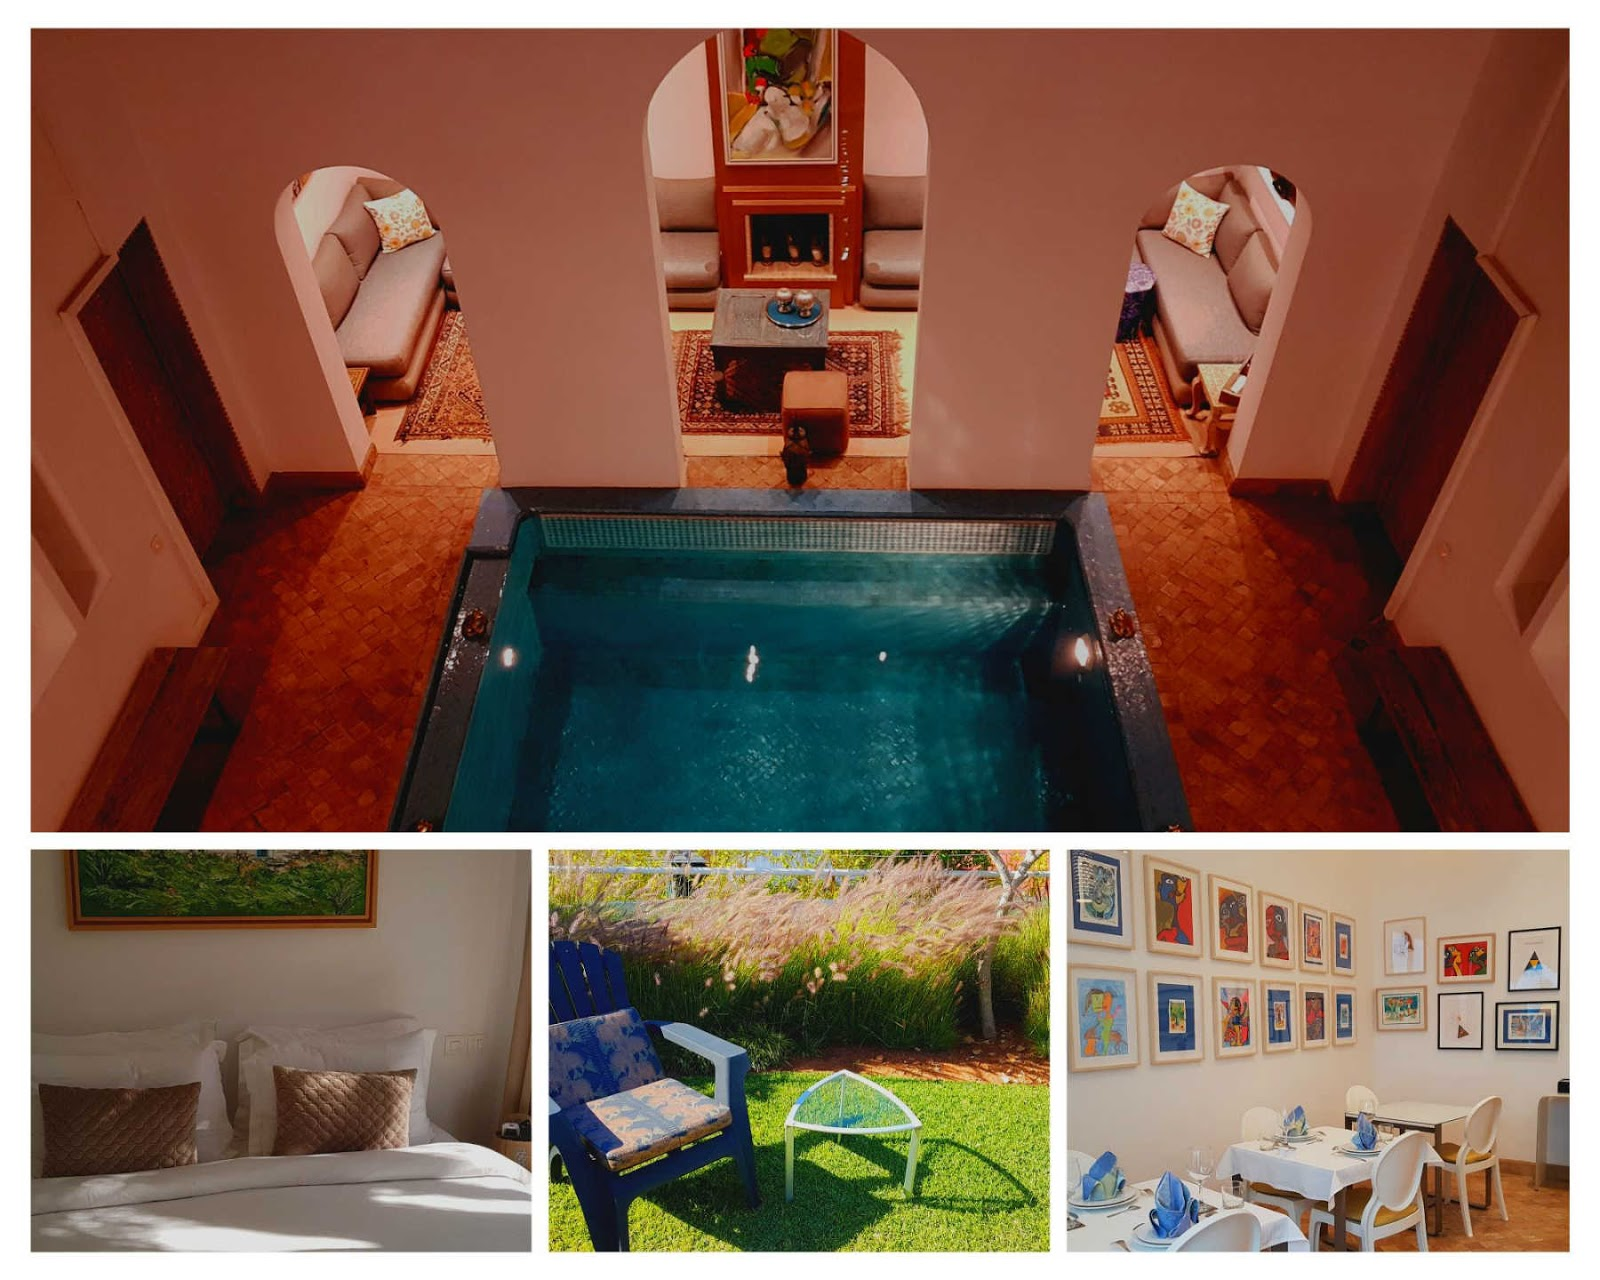 Riad ou Hotel em Marrocos, dicas de hospedagem.